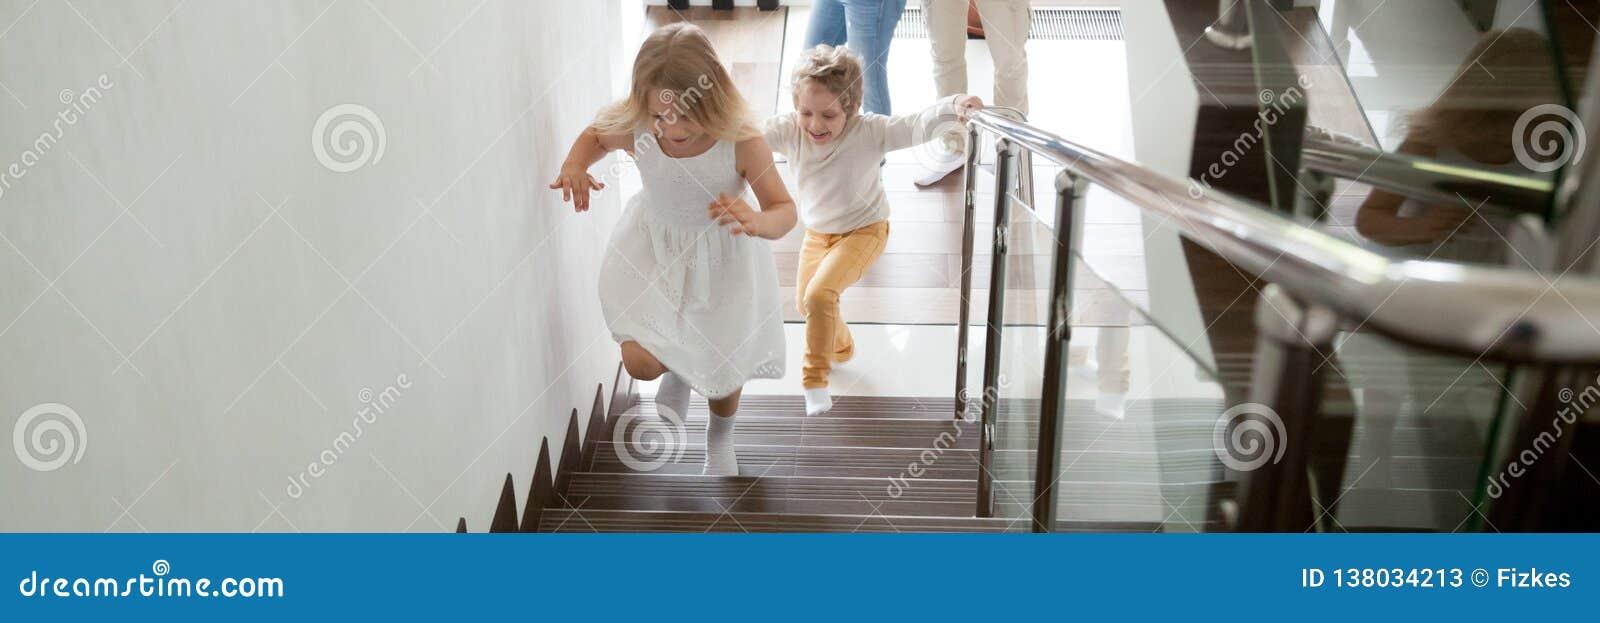 Barn som uppför trappan går till det andra golvet deras nya moderna hus